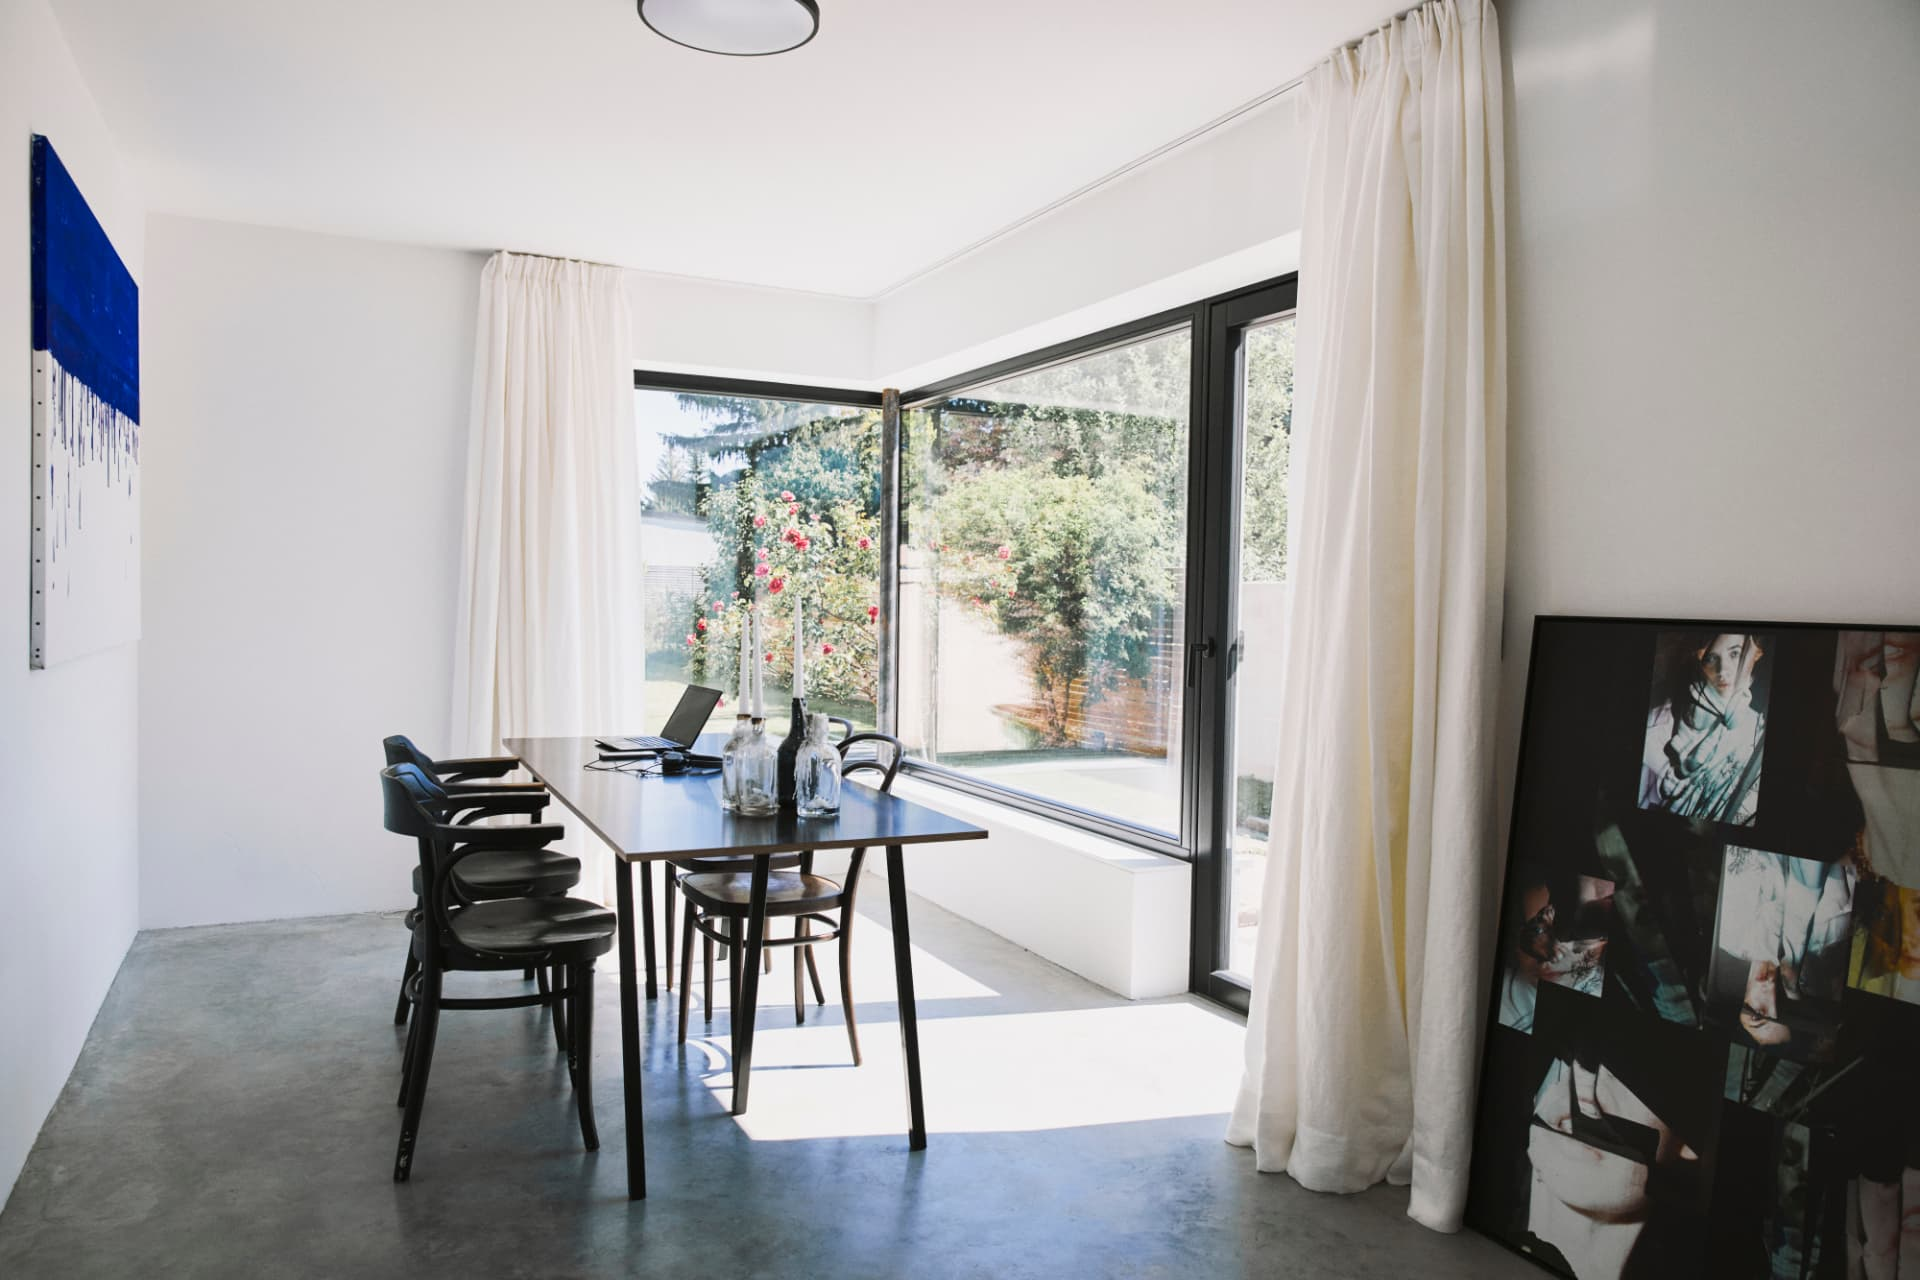 Essbereich-neben-schwarzer-keep-Küche-mit-freistehenden-Stahlrahmen-